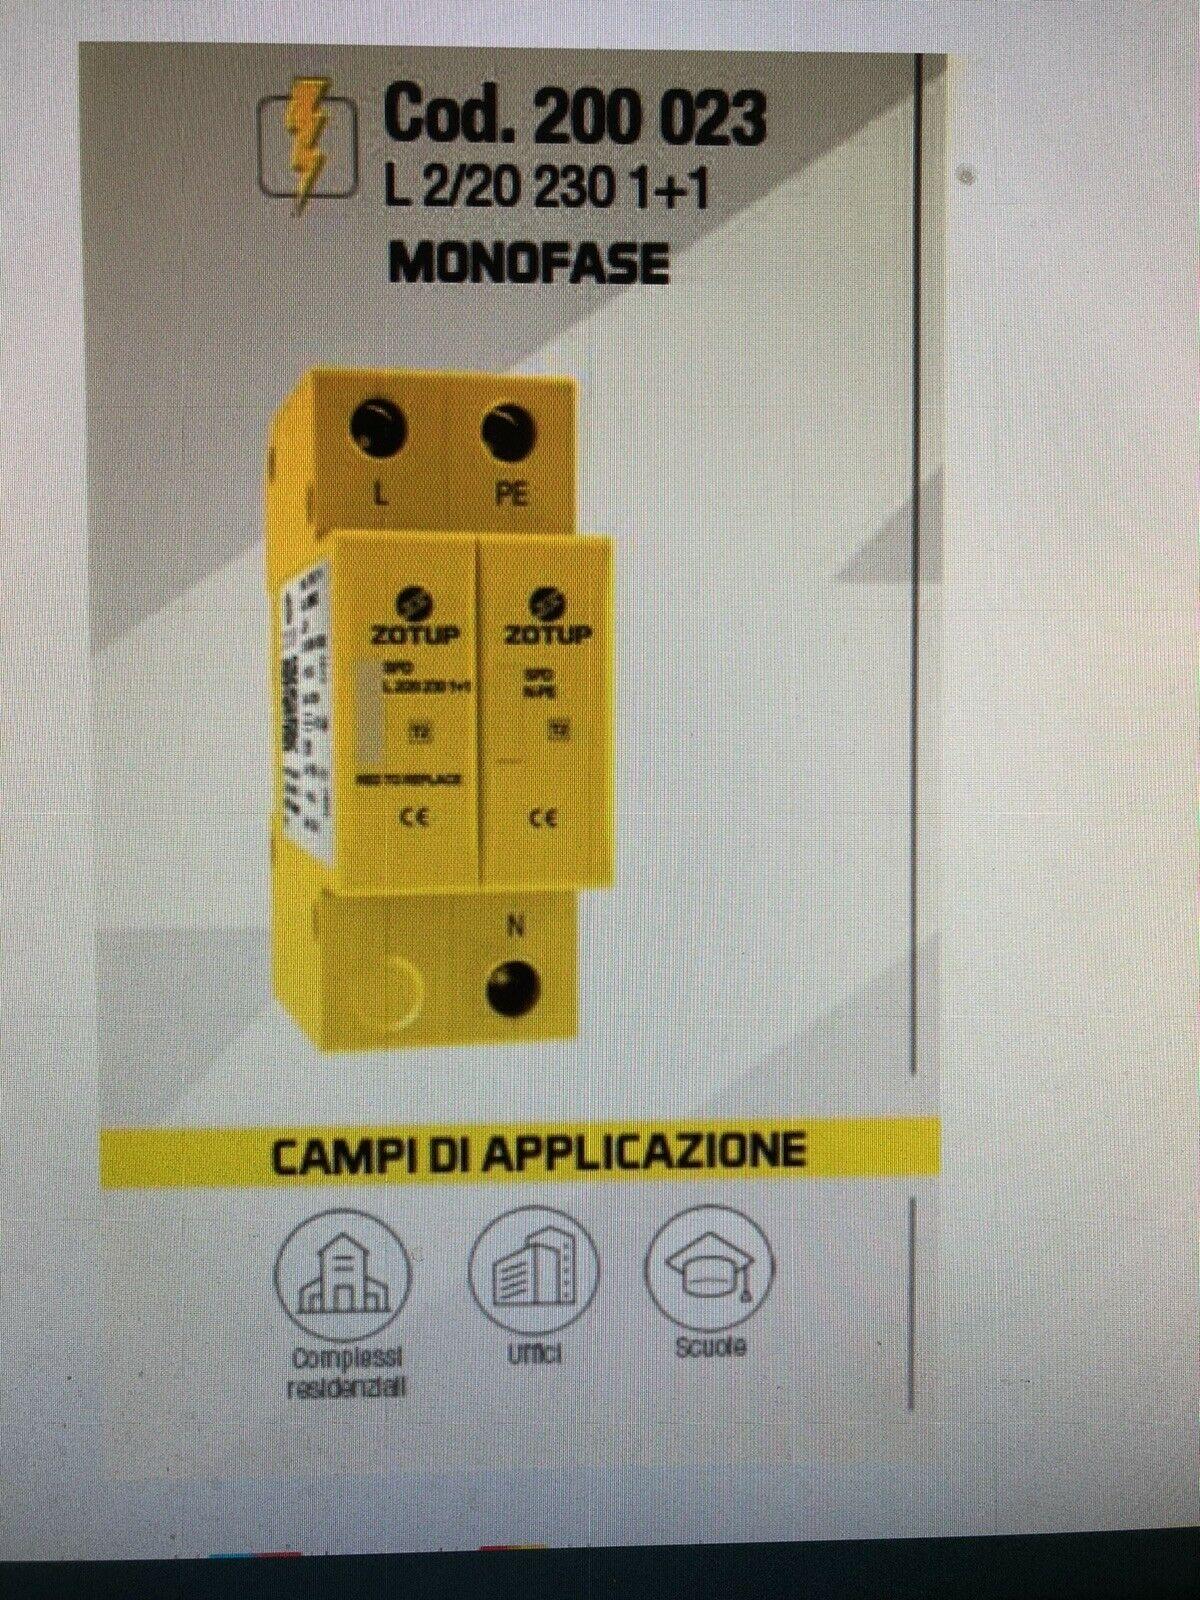 Contrade-Zotup-200023-scaricatore-di-sovratensione-per-impianto-casa-monofase-154002624125